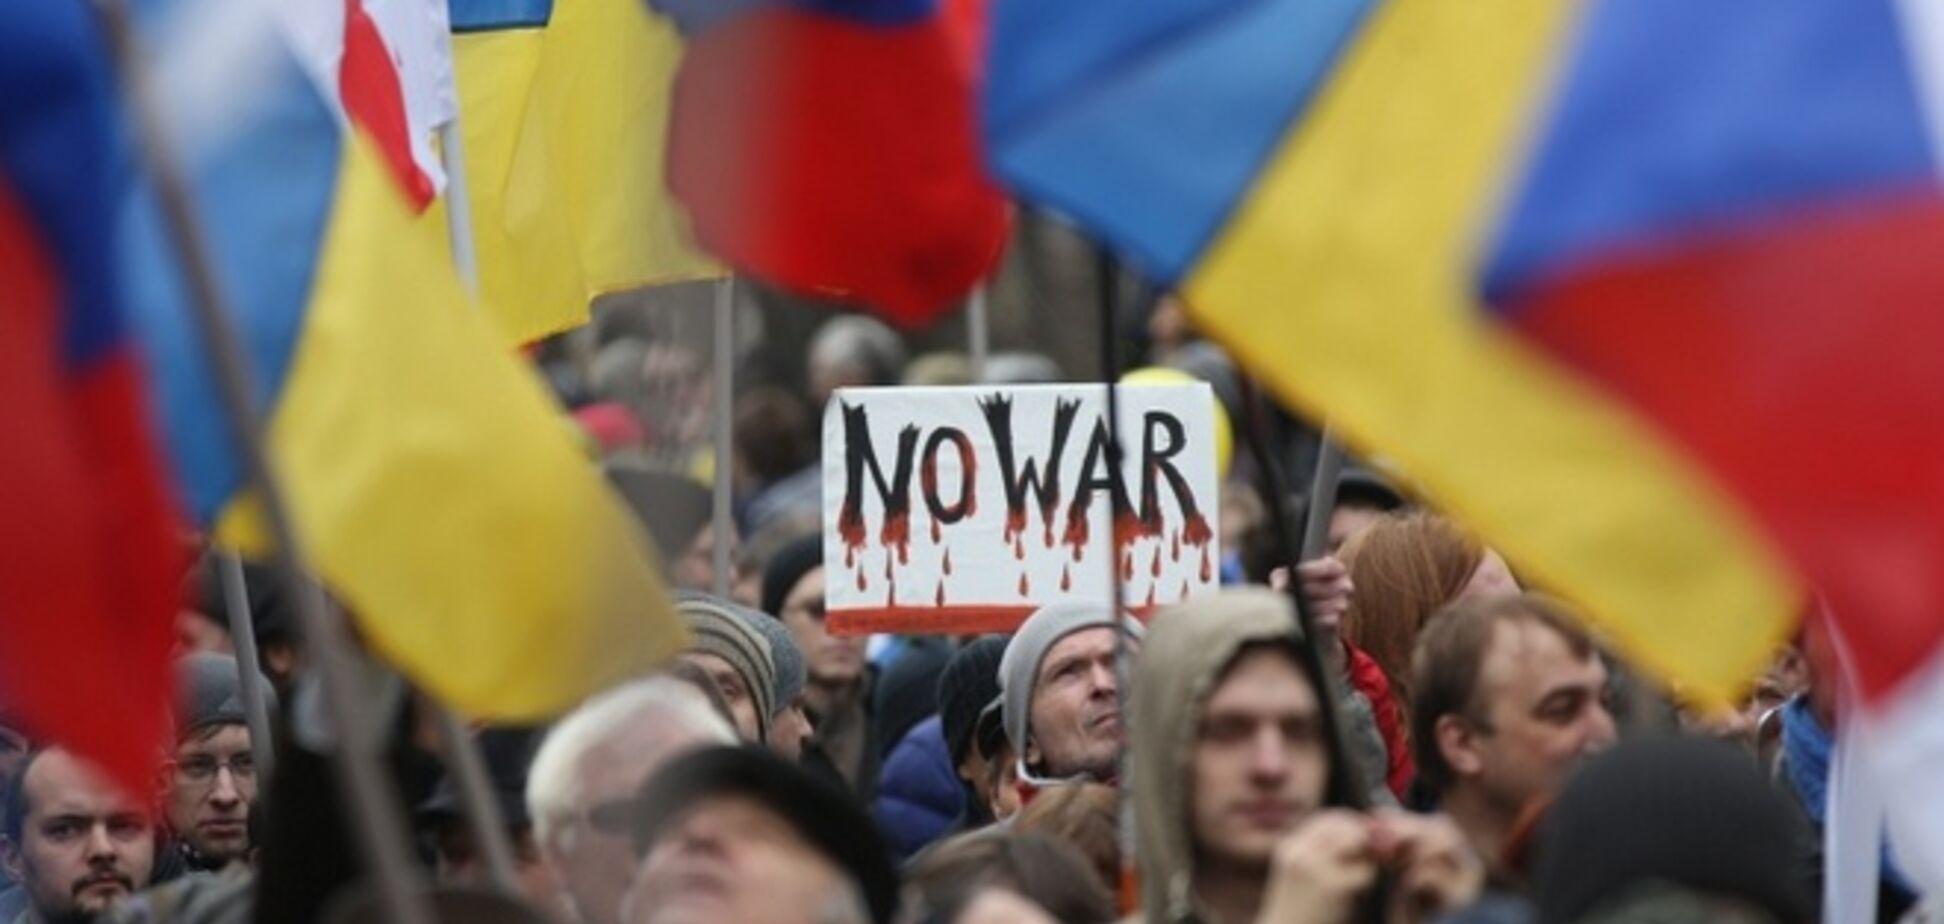 Мэрия Москвы разрешила провести 'Марш мира' 21 сентября